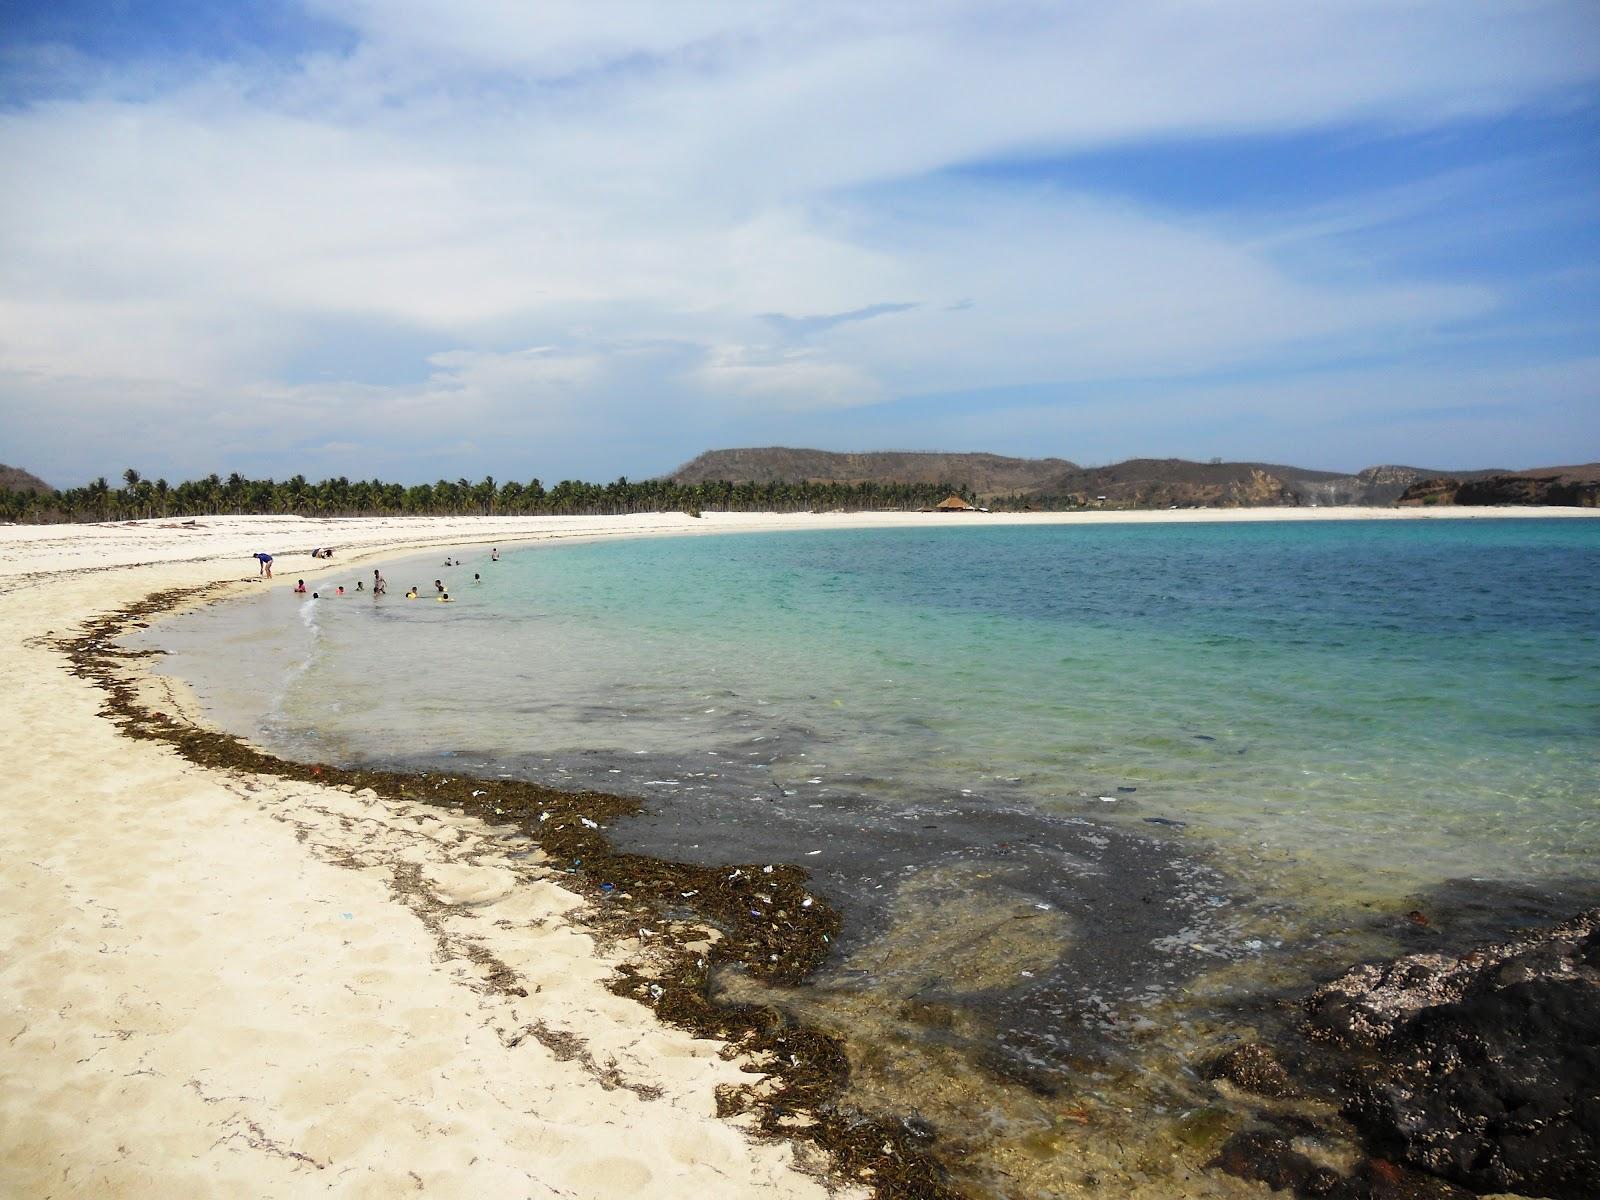 Intip Pantai Aan Loteng, Si Pasir Merica